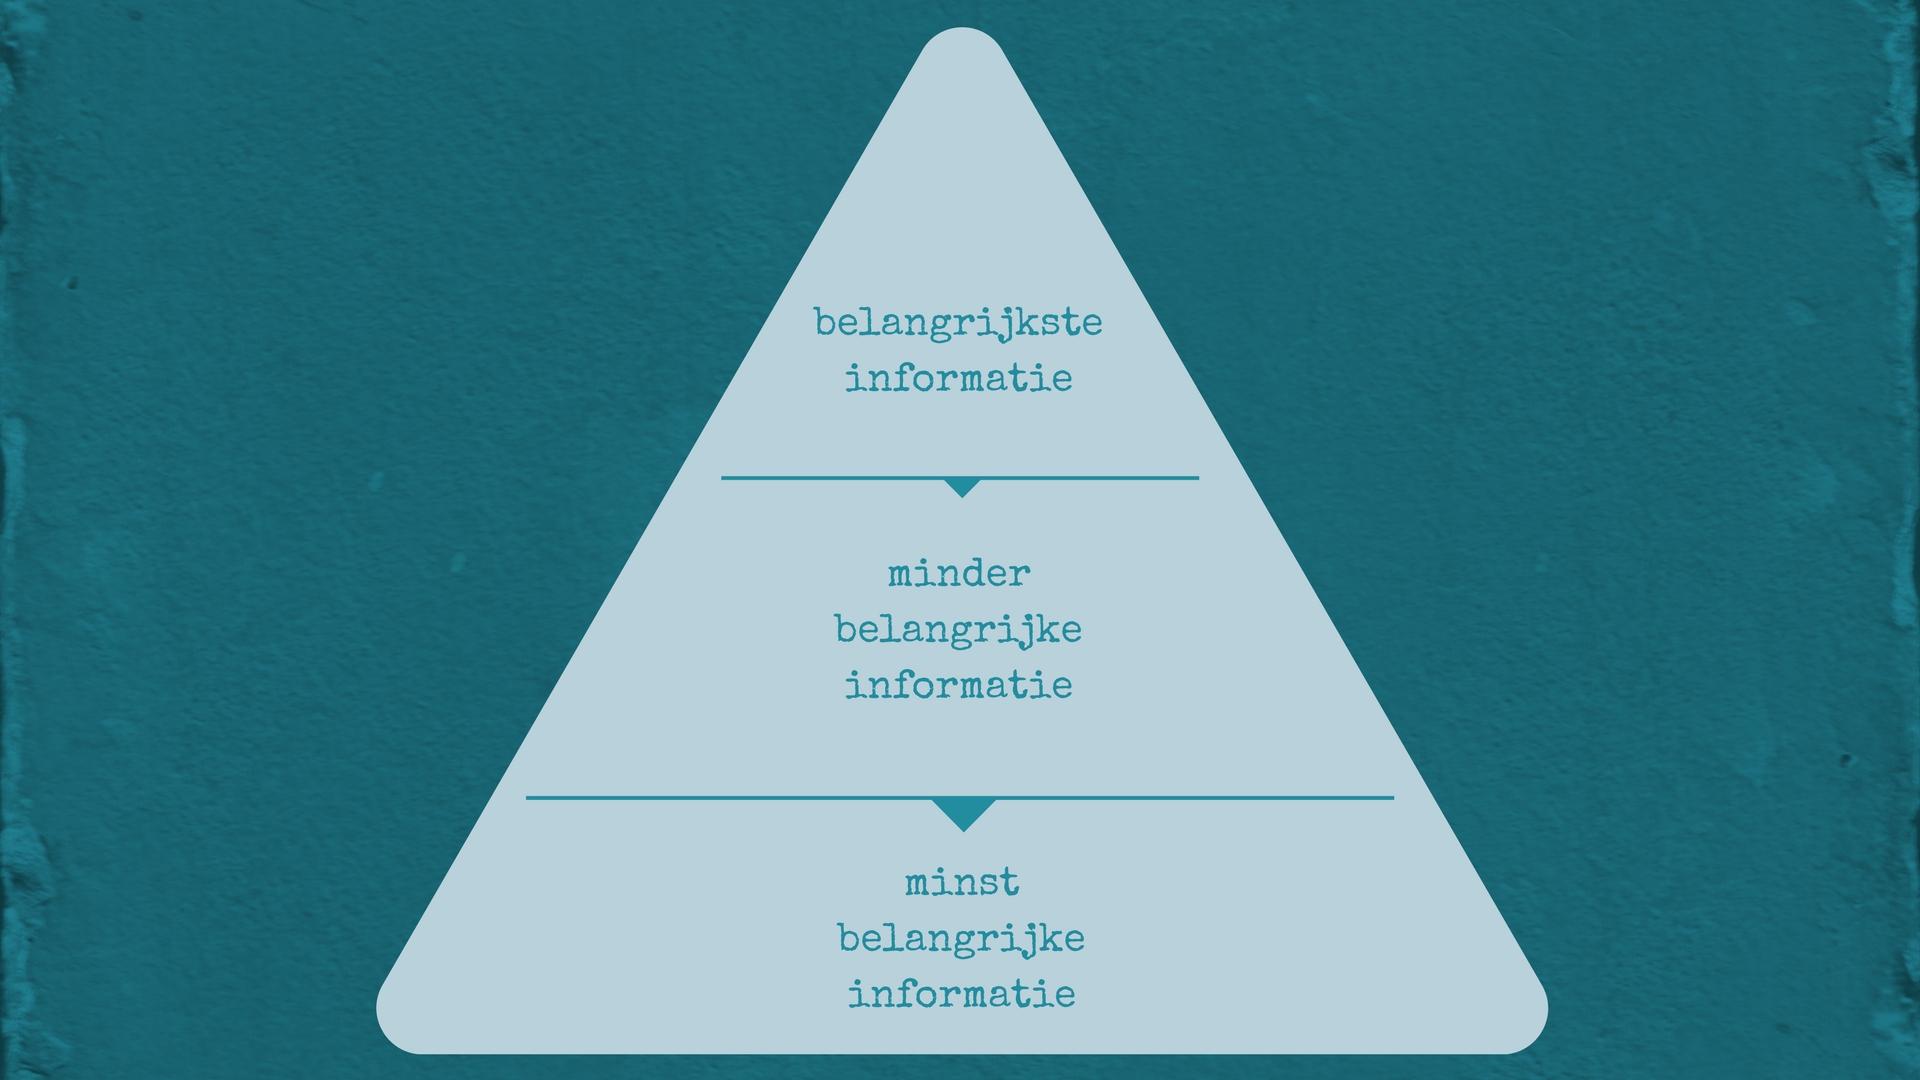 teksten met piramidestructuur